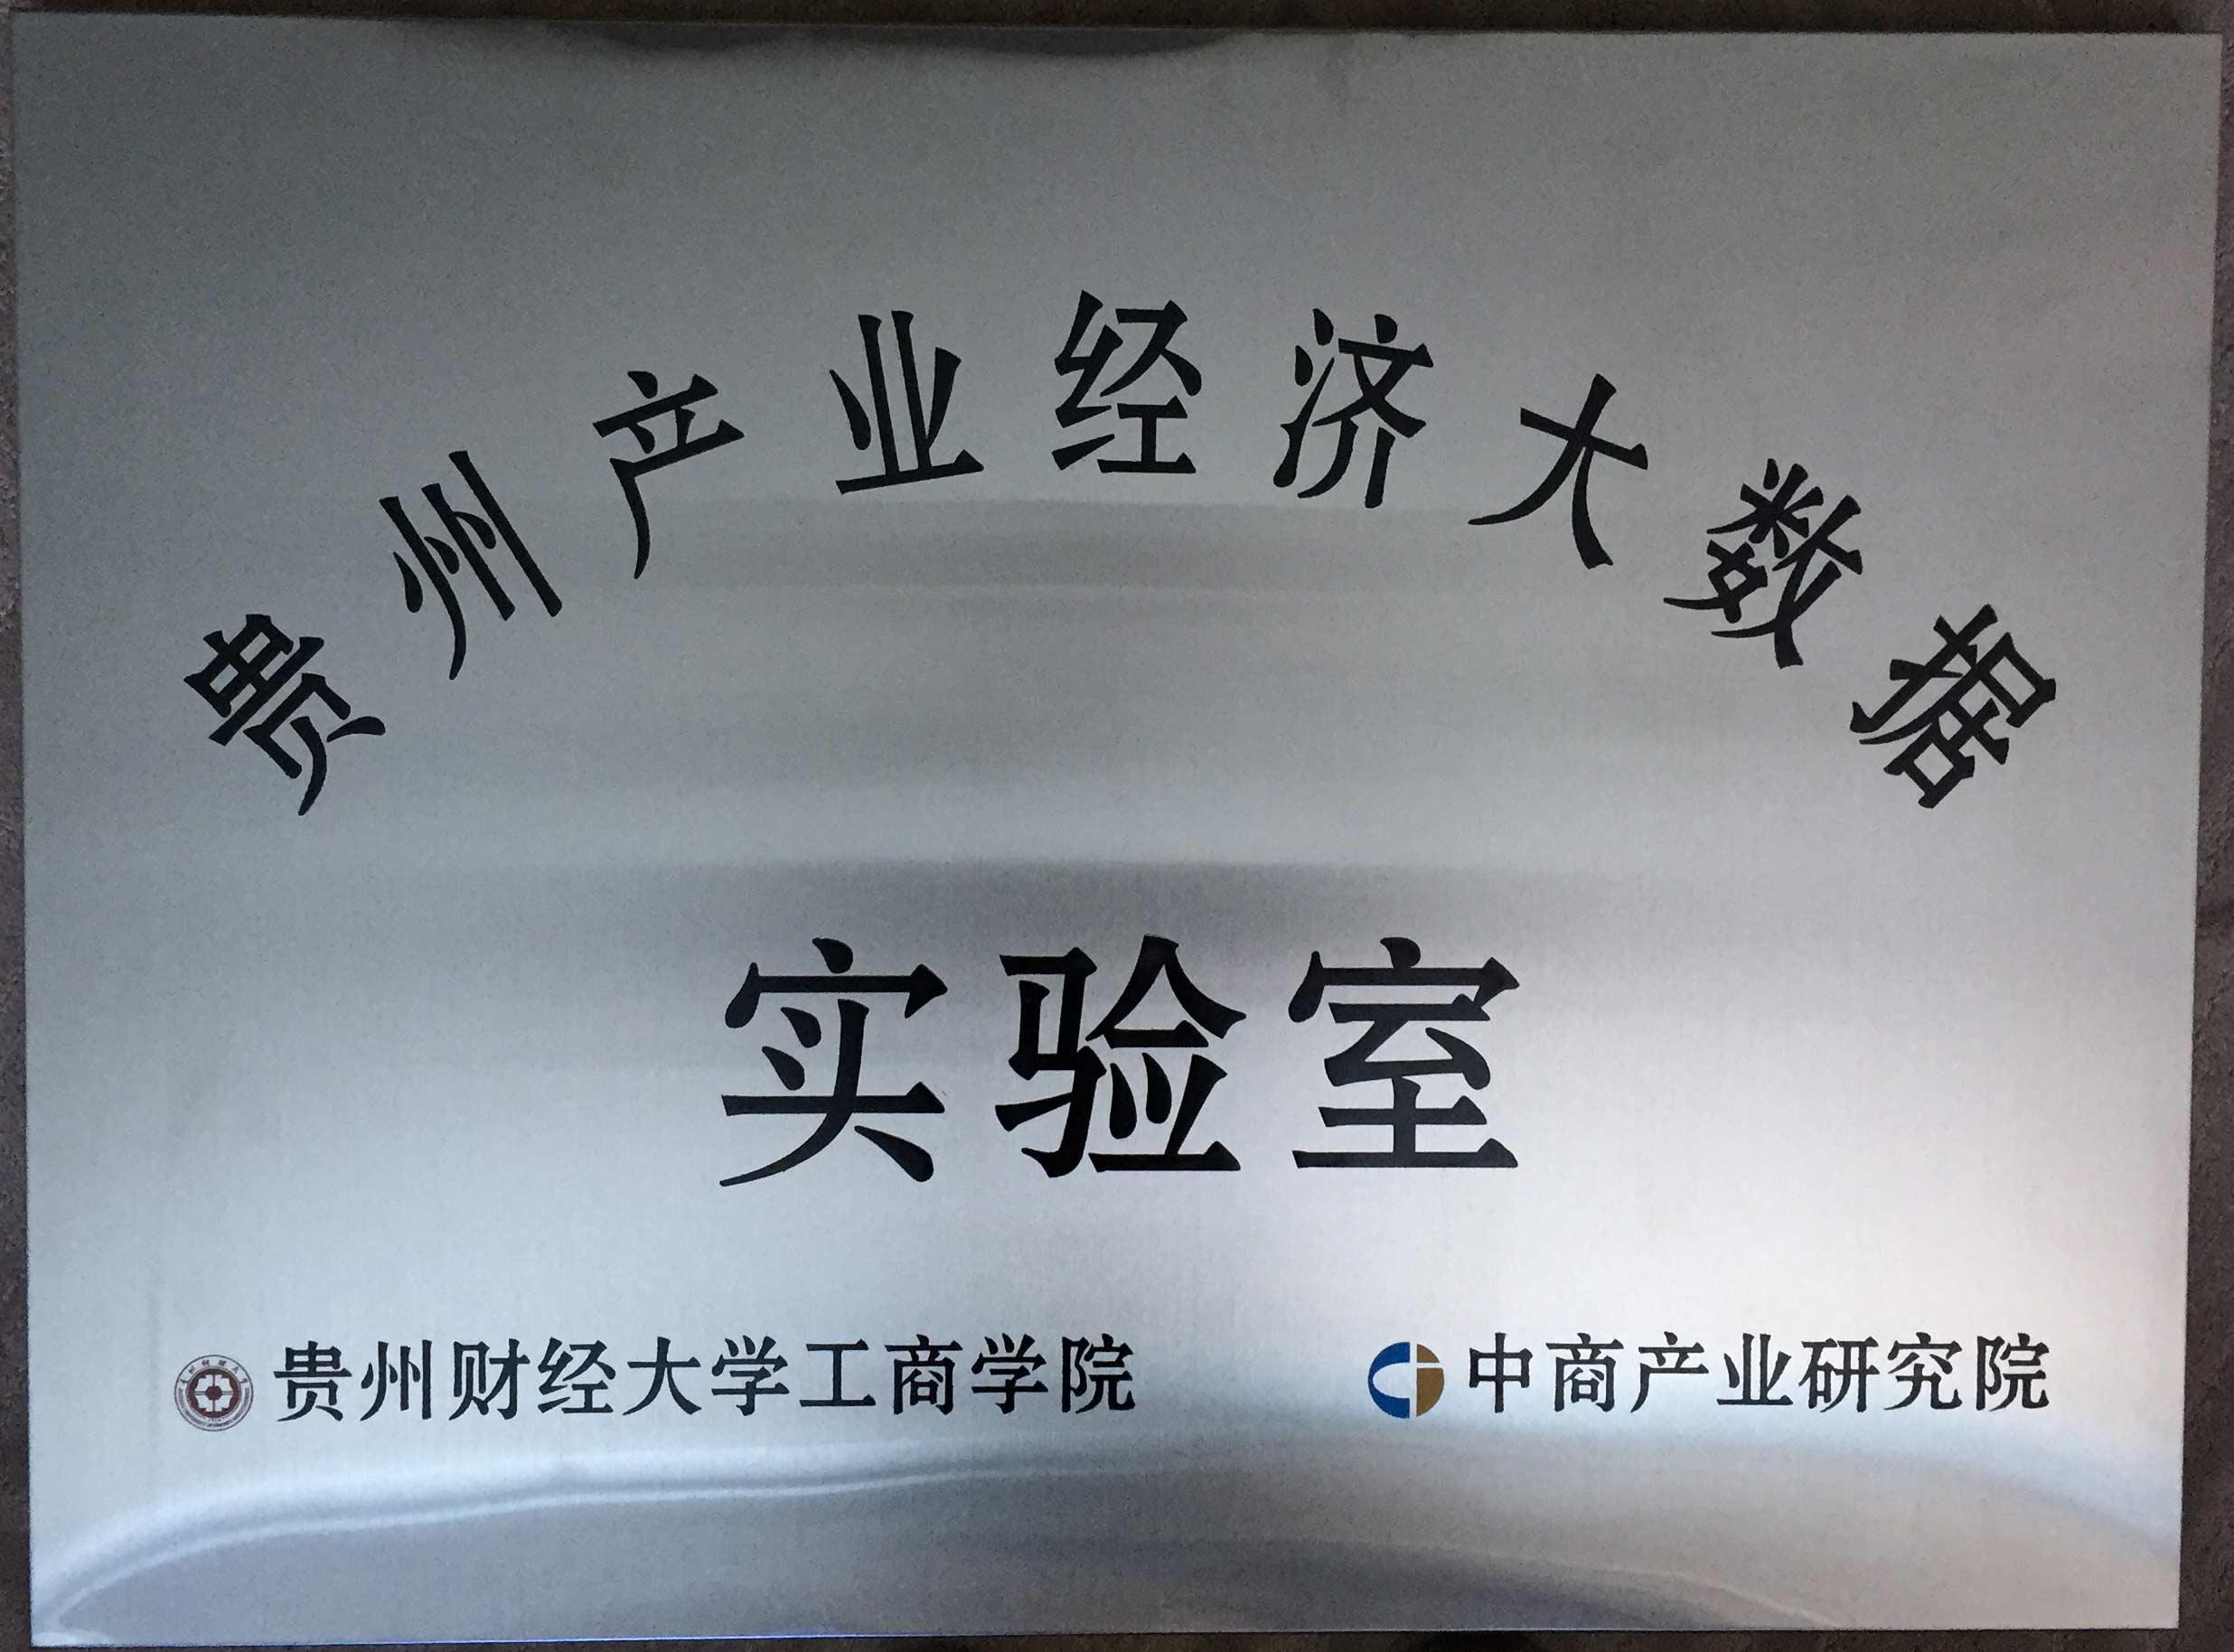 贵州产业经济大数据实验室